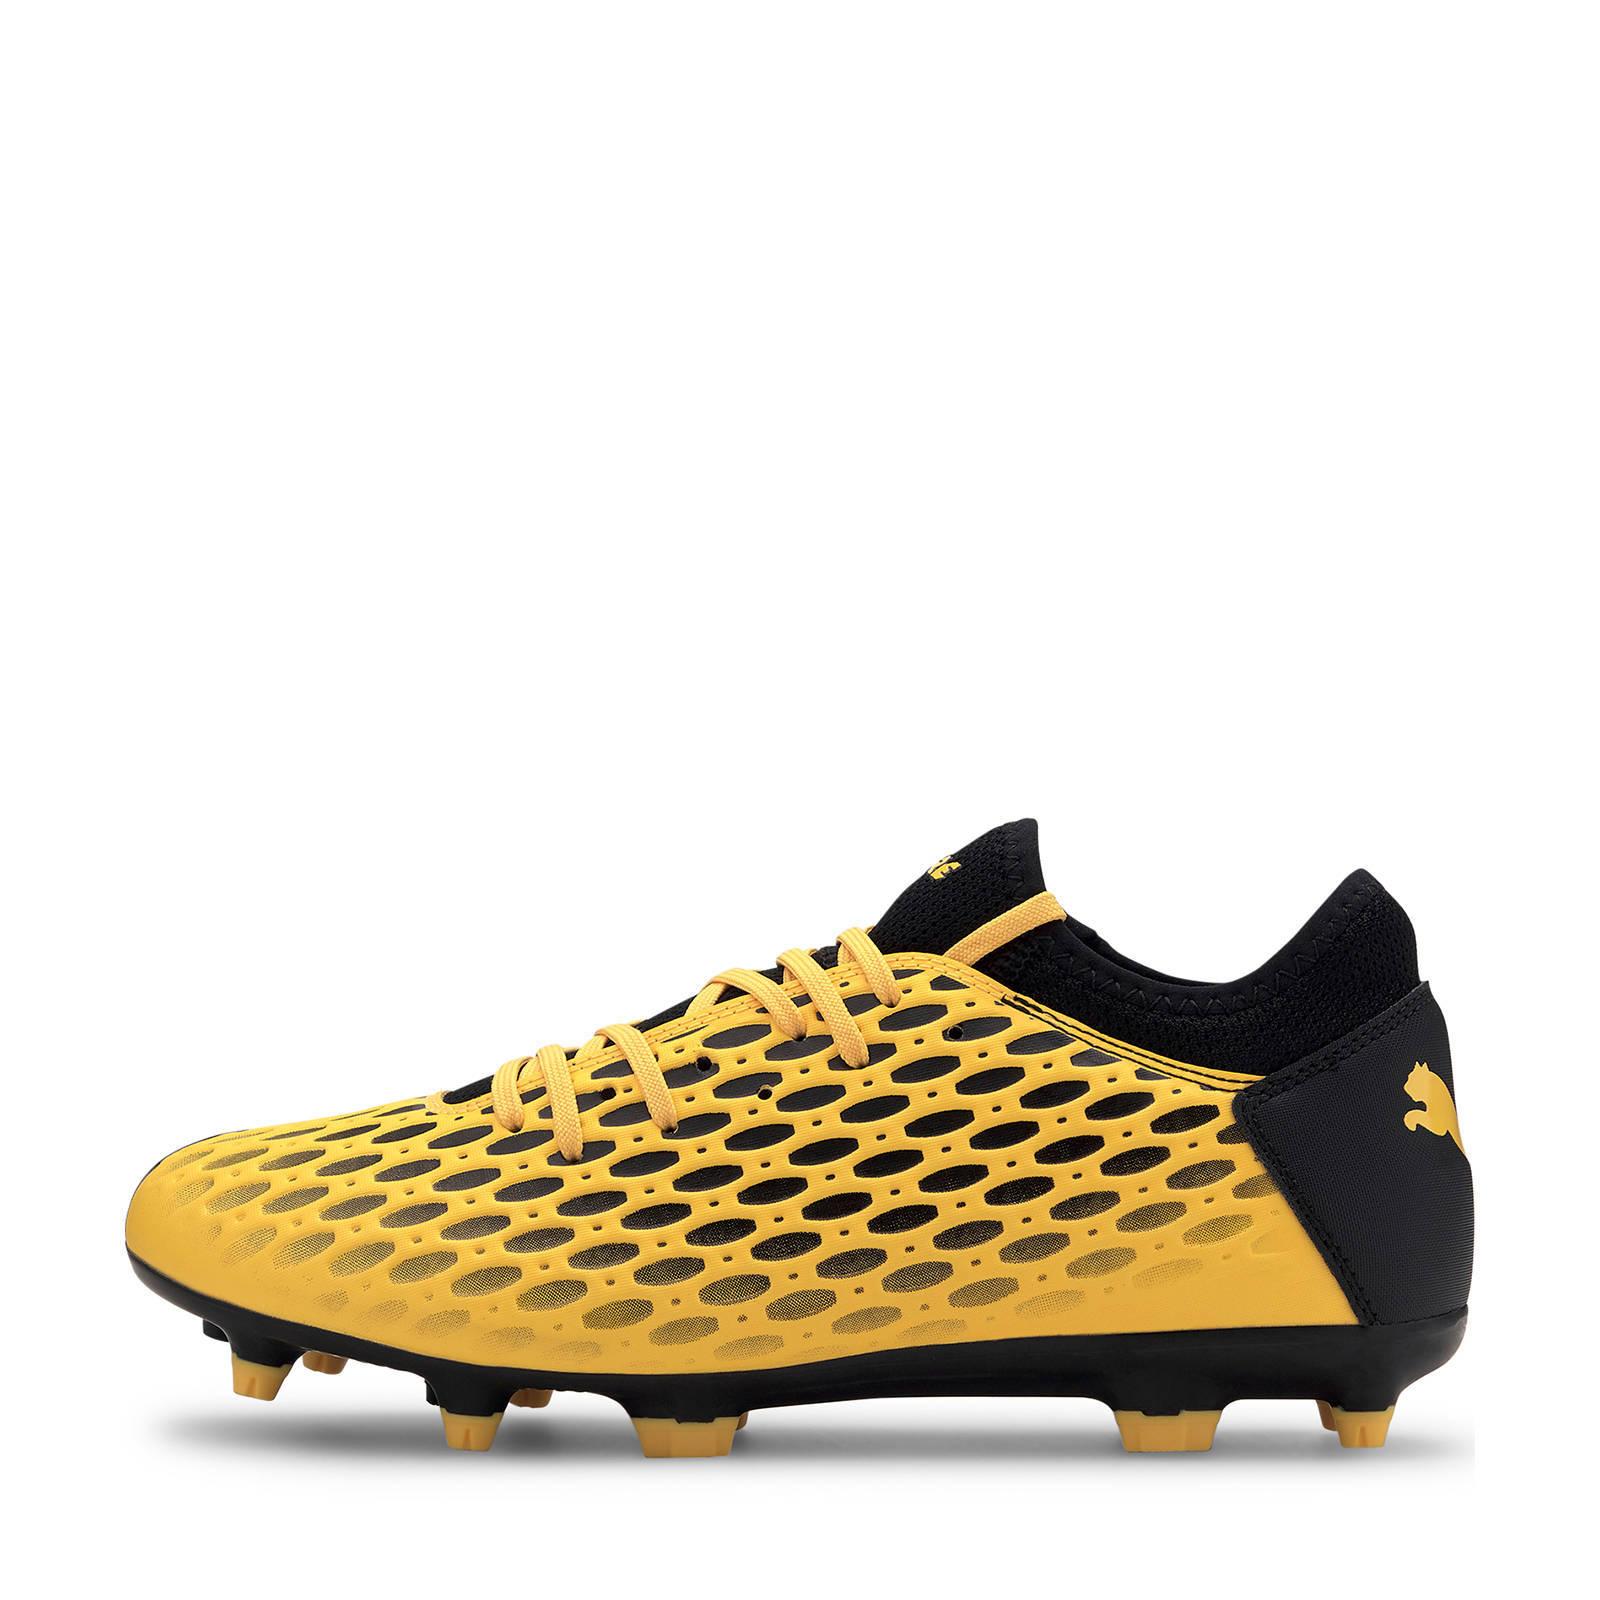 Future 5.4 FGAG voetbalschoenen geelzwart